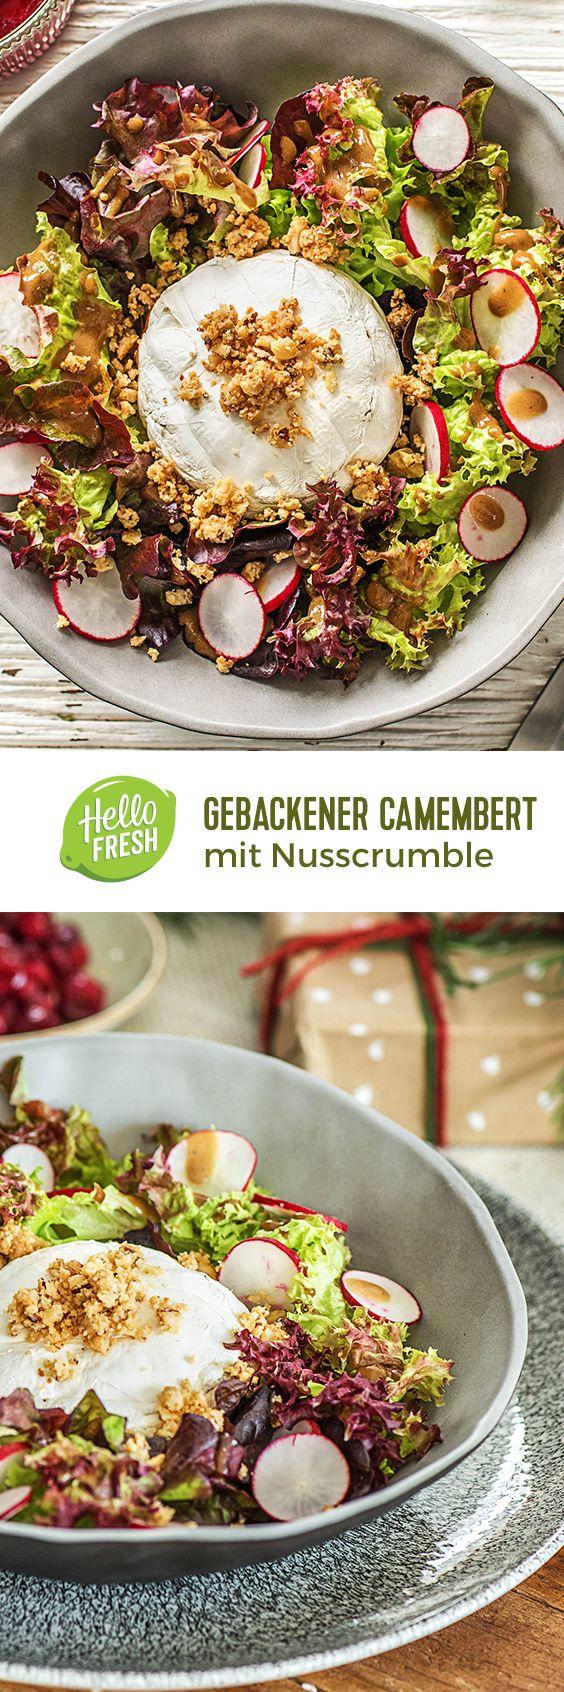 Gebackener Camembert mit Nusscrumbleauf Radieschen-Salatbett und Balsamico-Senf-Dressing.